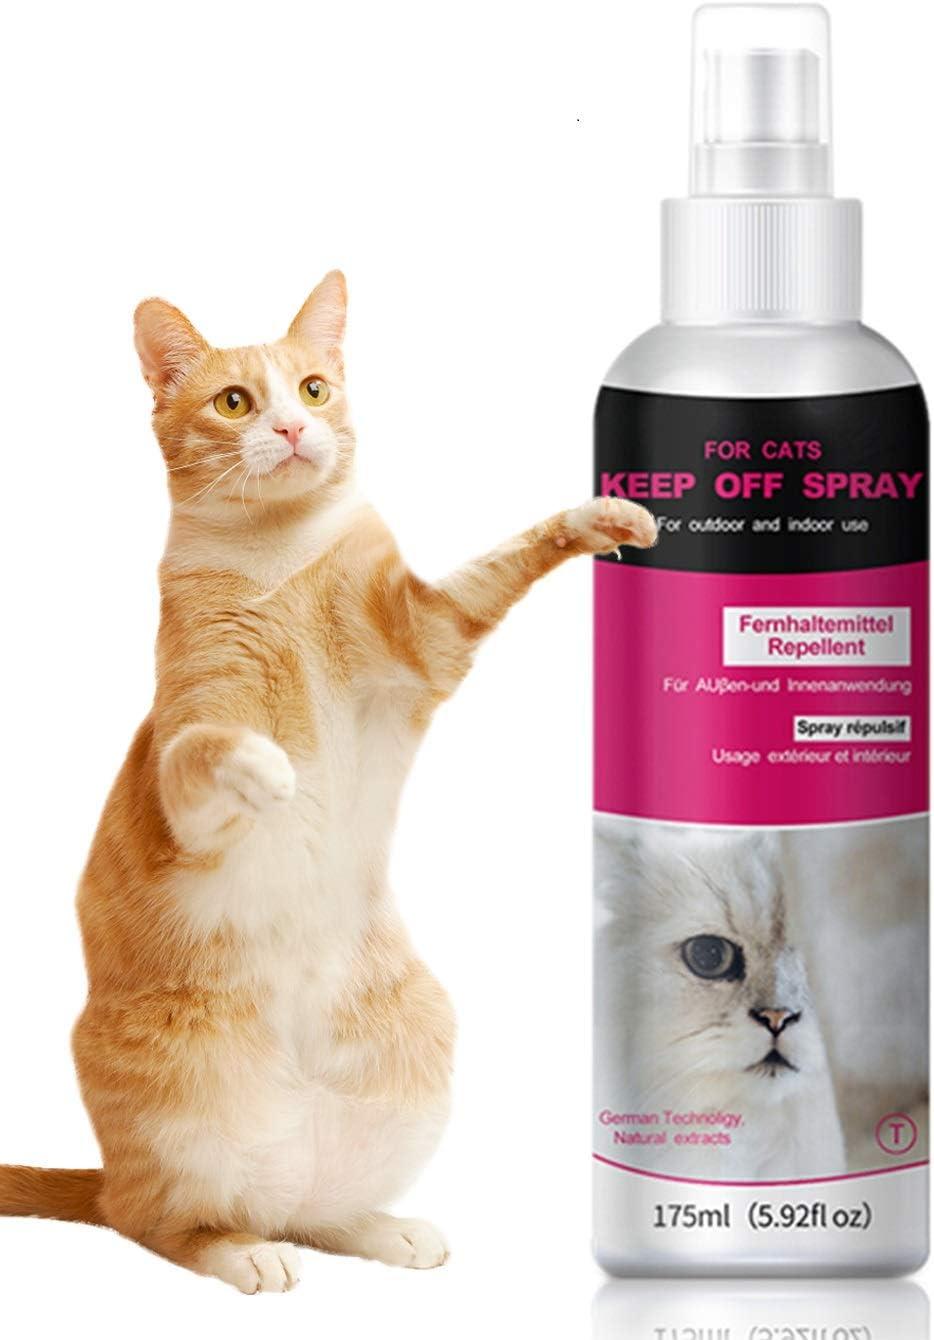 QUTOP Cat Scratch Deterrent Training Spray, Cat Repellent Spray for Indoor and Outdoor Use - 175ml